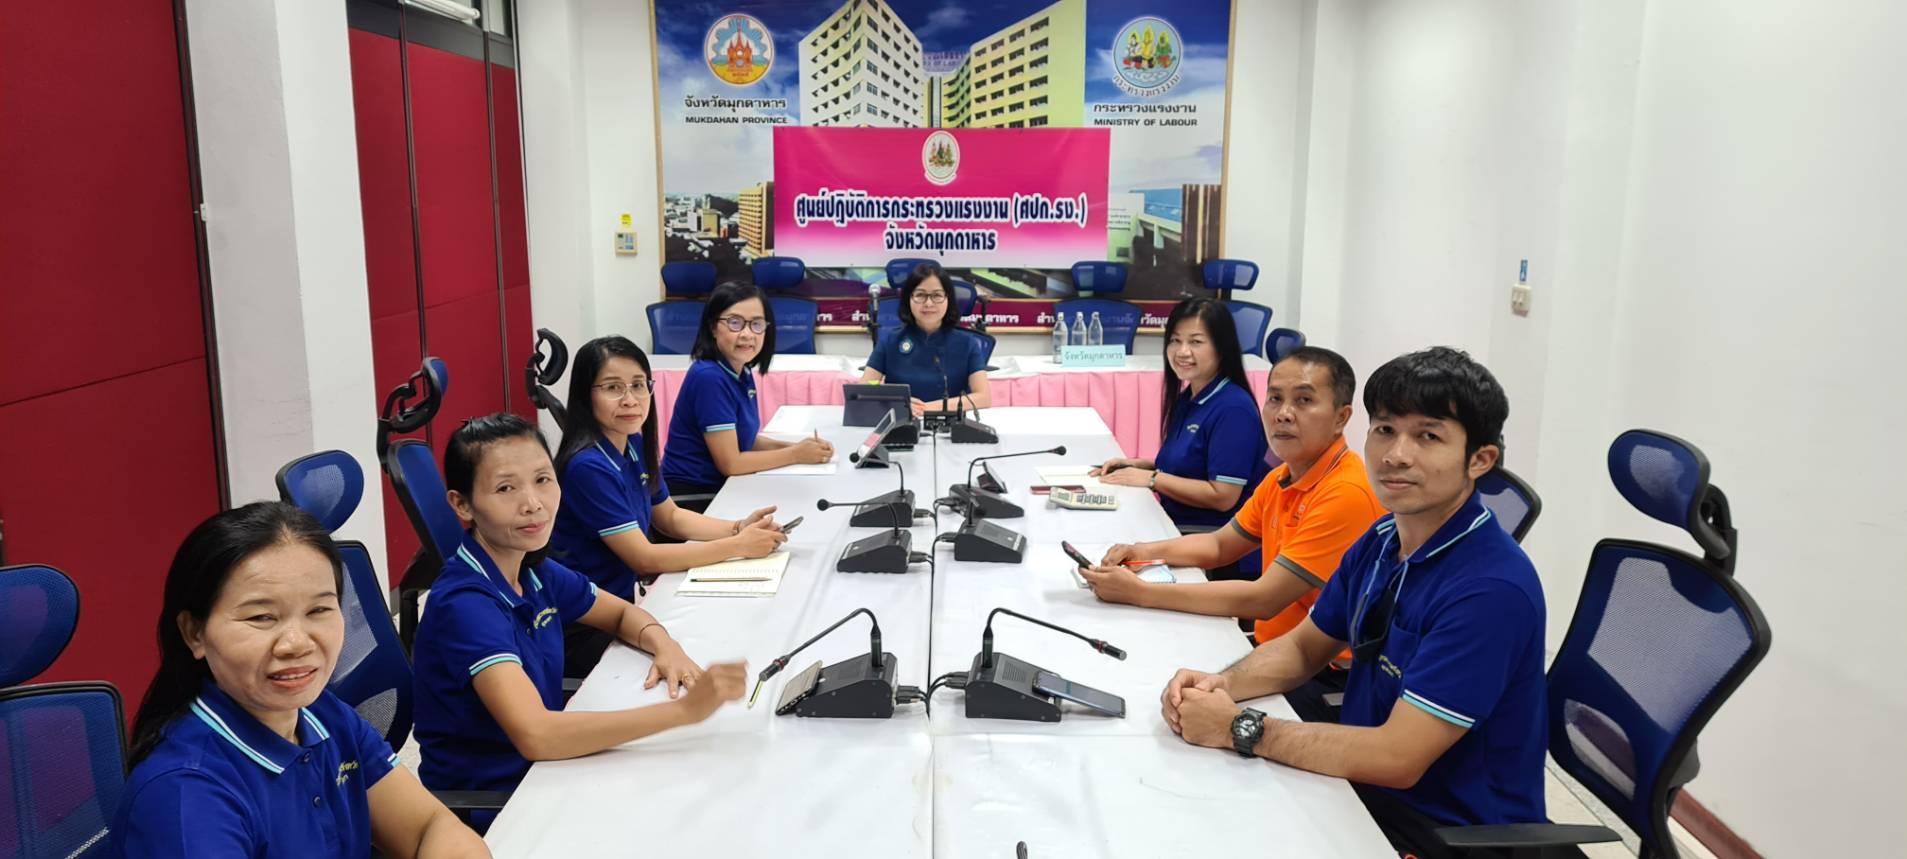 การประชุมสำนักงานการแรงงานจังหวัดมุกดาหาร ประจำเดือนกันยายน 2563